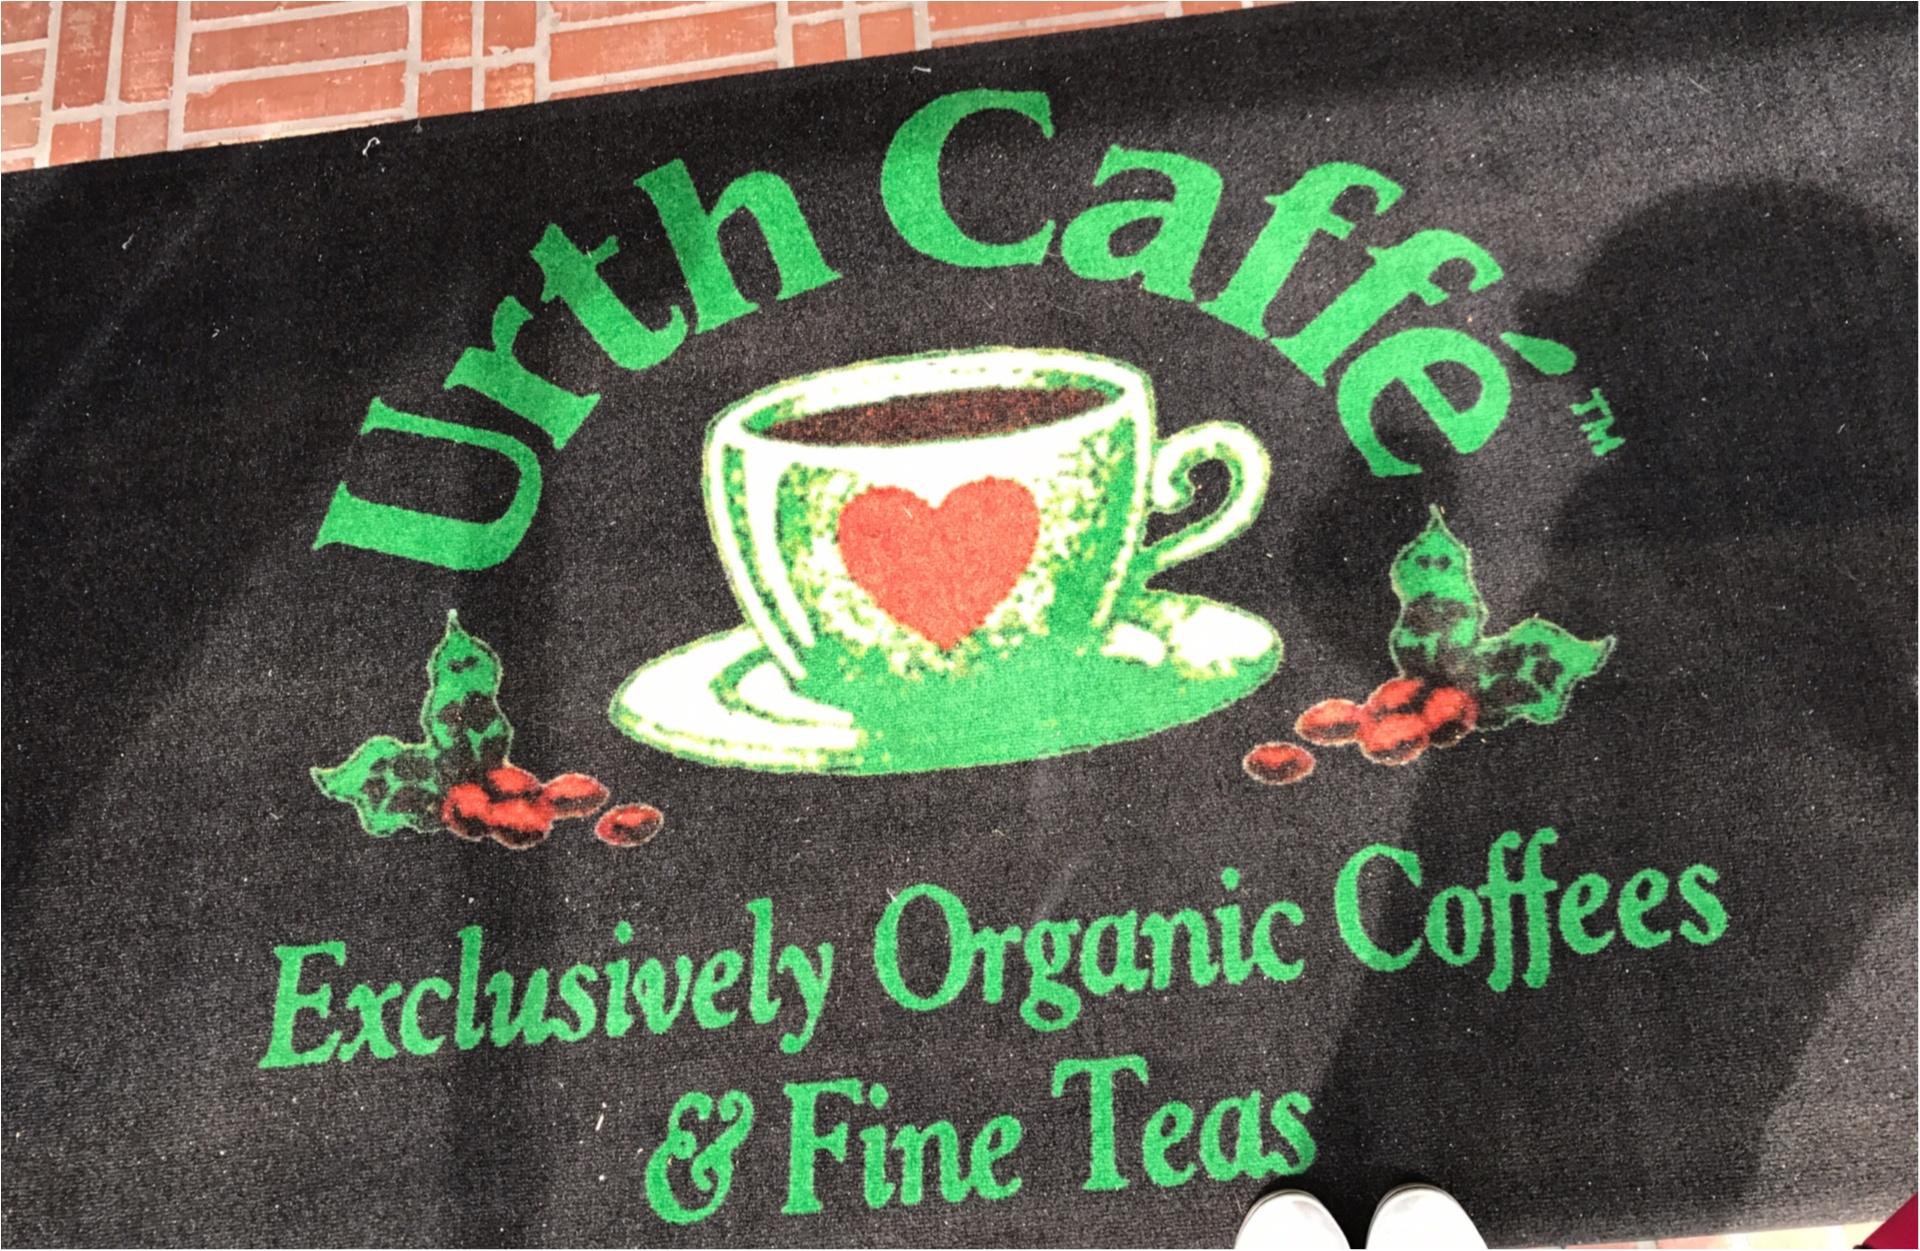 ★並んでも行きたい!モアハピ部地方組の私がどうしても行きたかった『Urth Cafe』はやっぱり可愛かった★_1